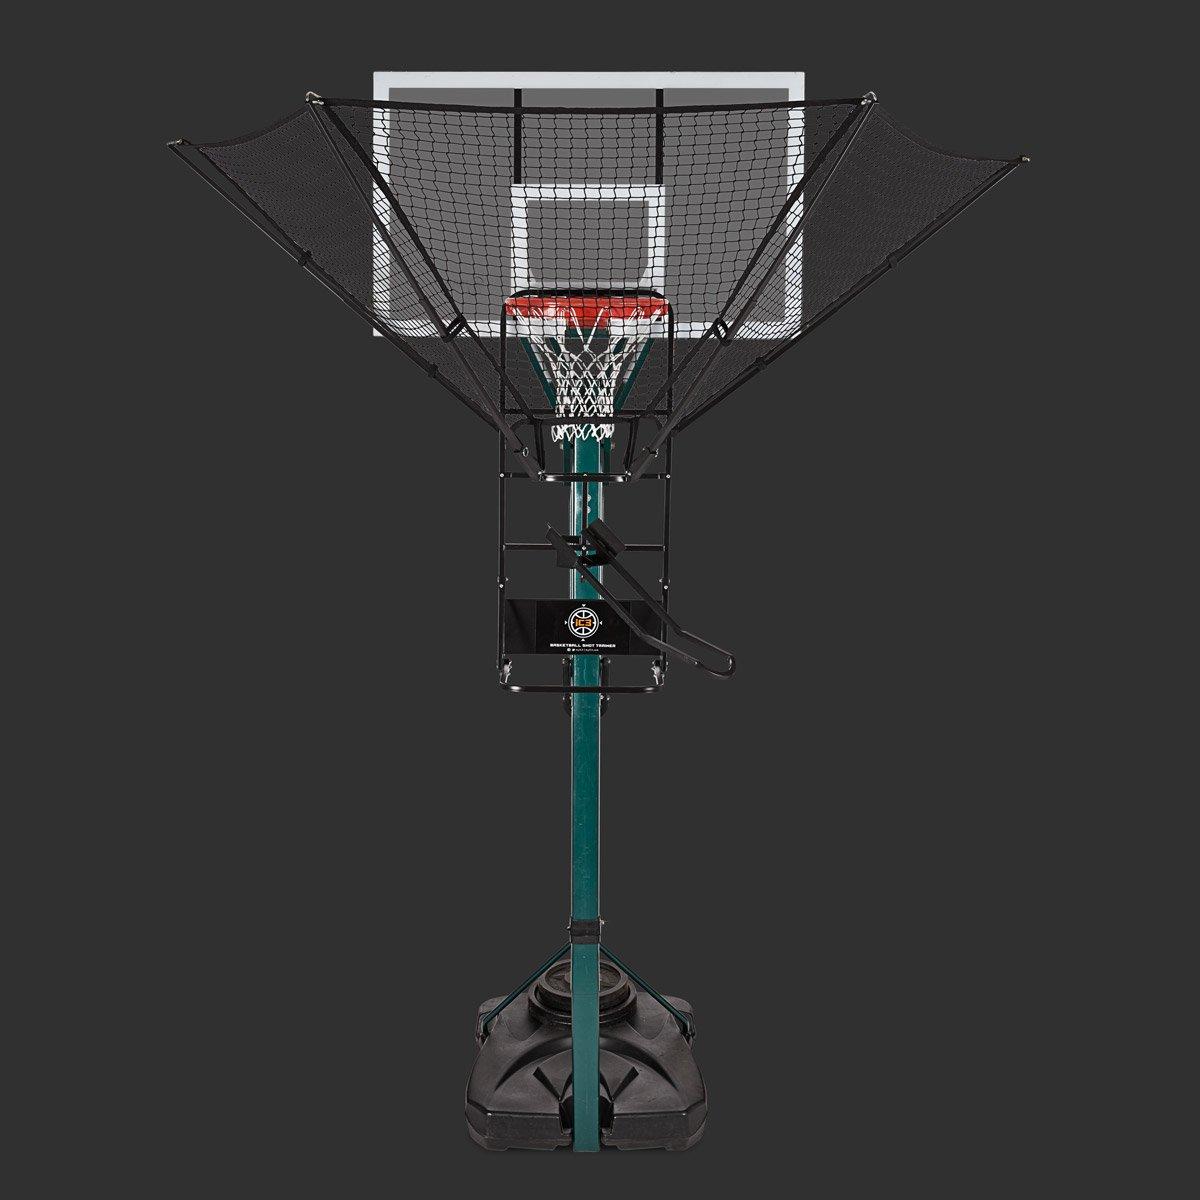 ic3 Basketball Training Aid on Portable Basketball Hoop